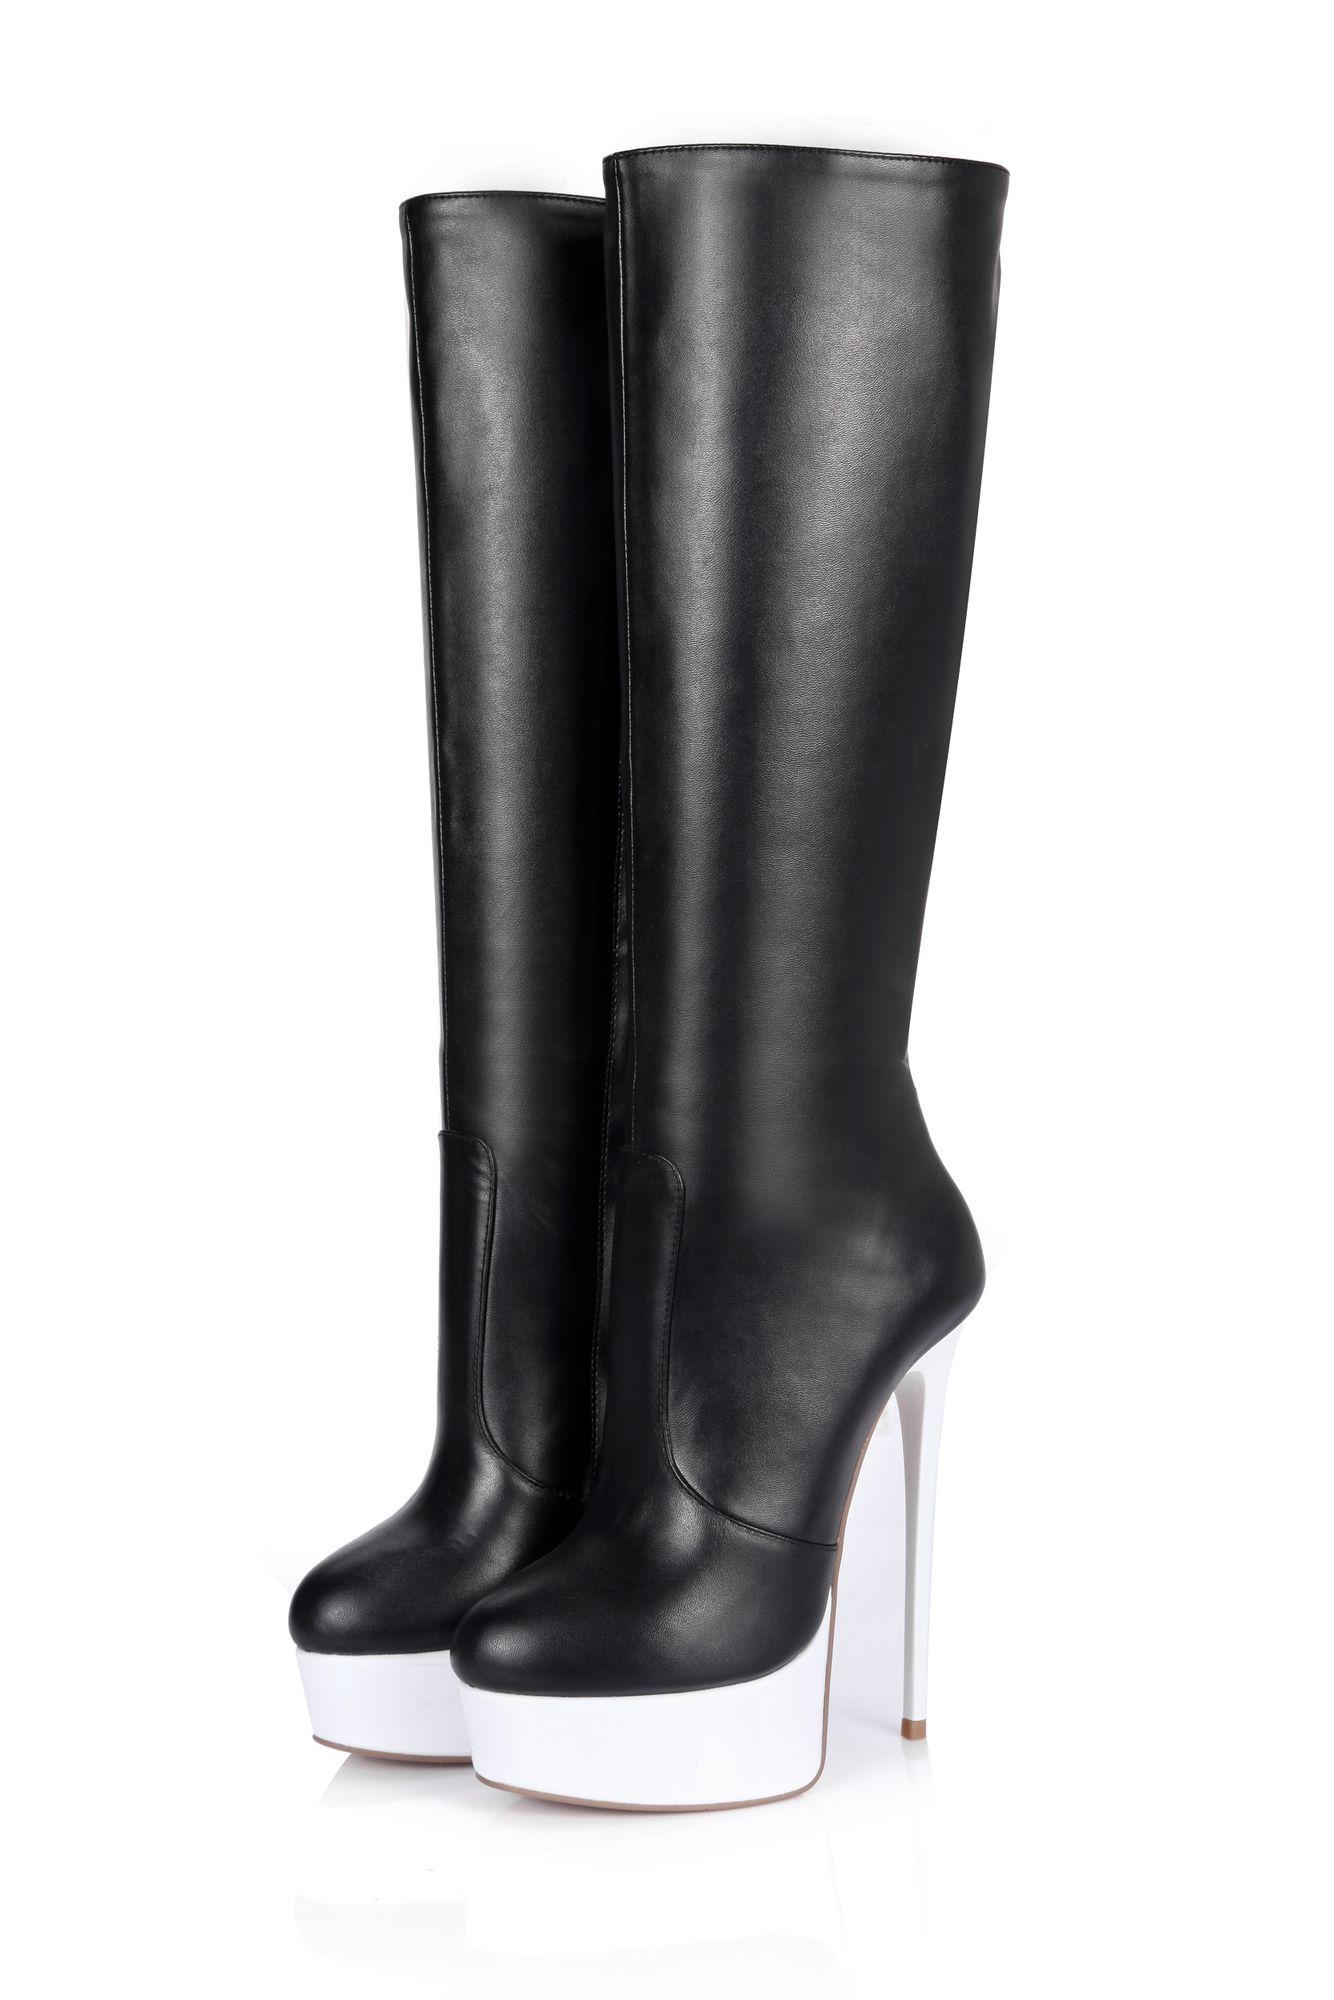 GIARO - Damen Plateau Stiefel - Lack Schwarz Schuhe in Übergrößen – Bild 4